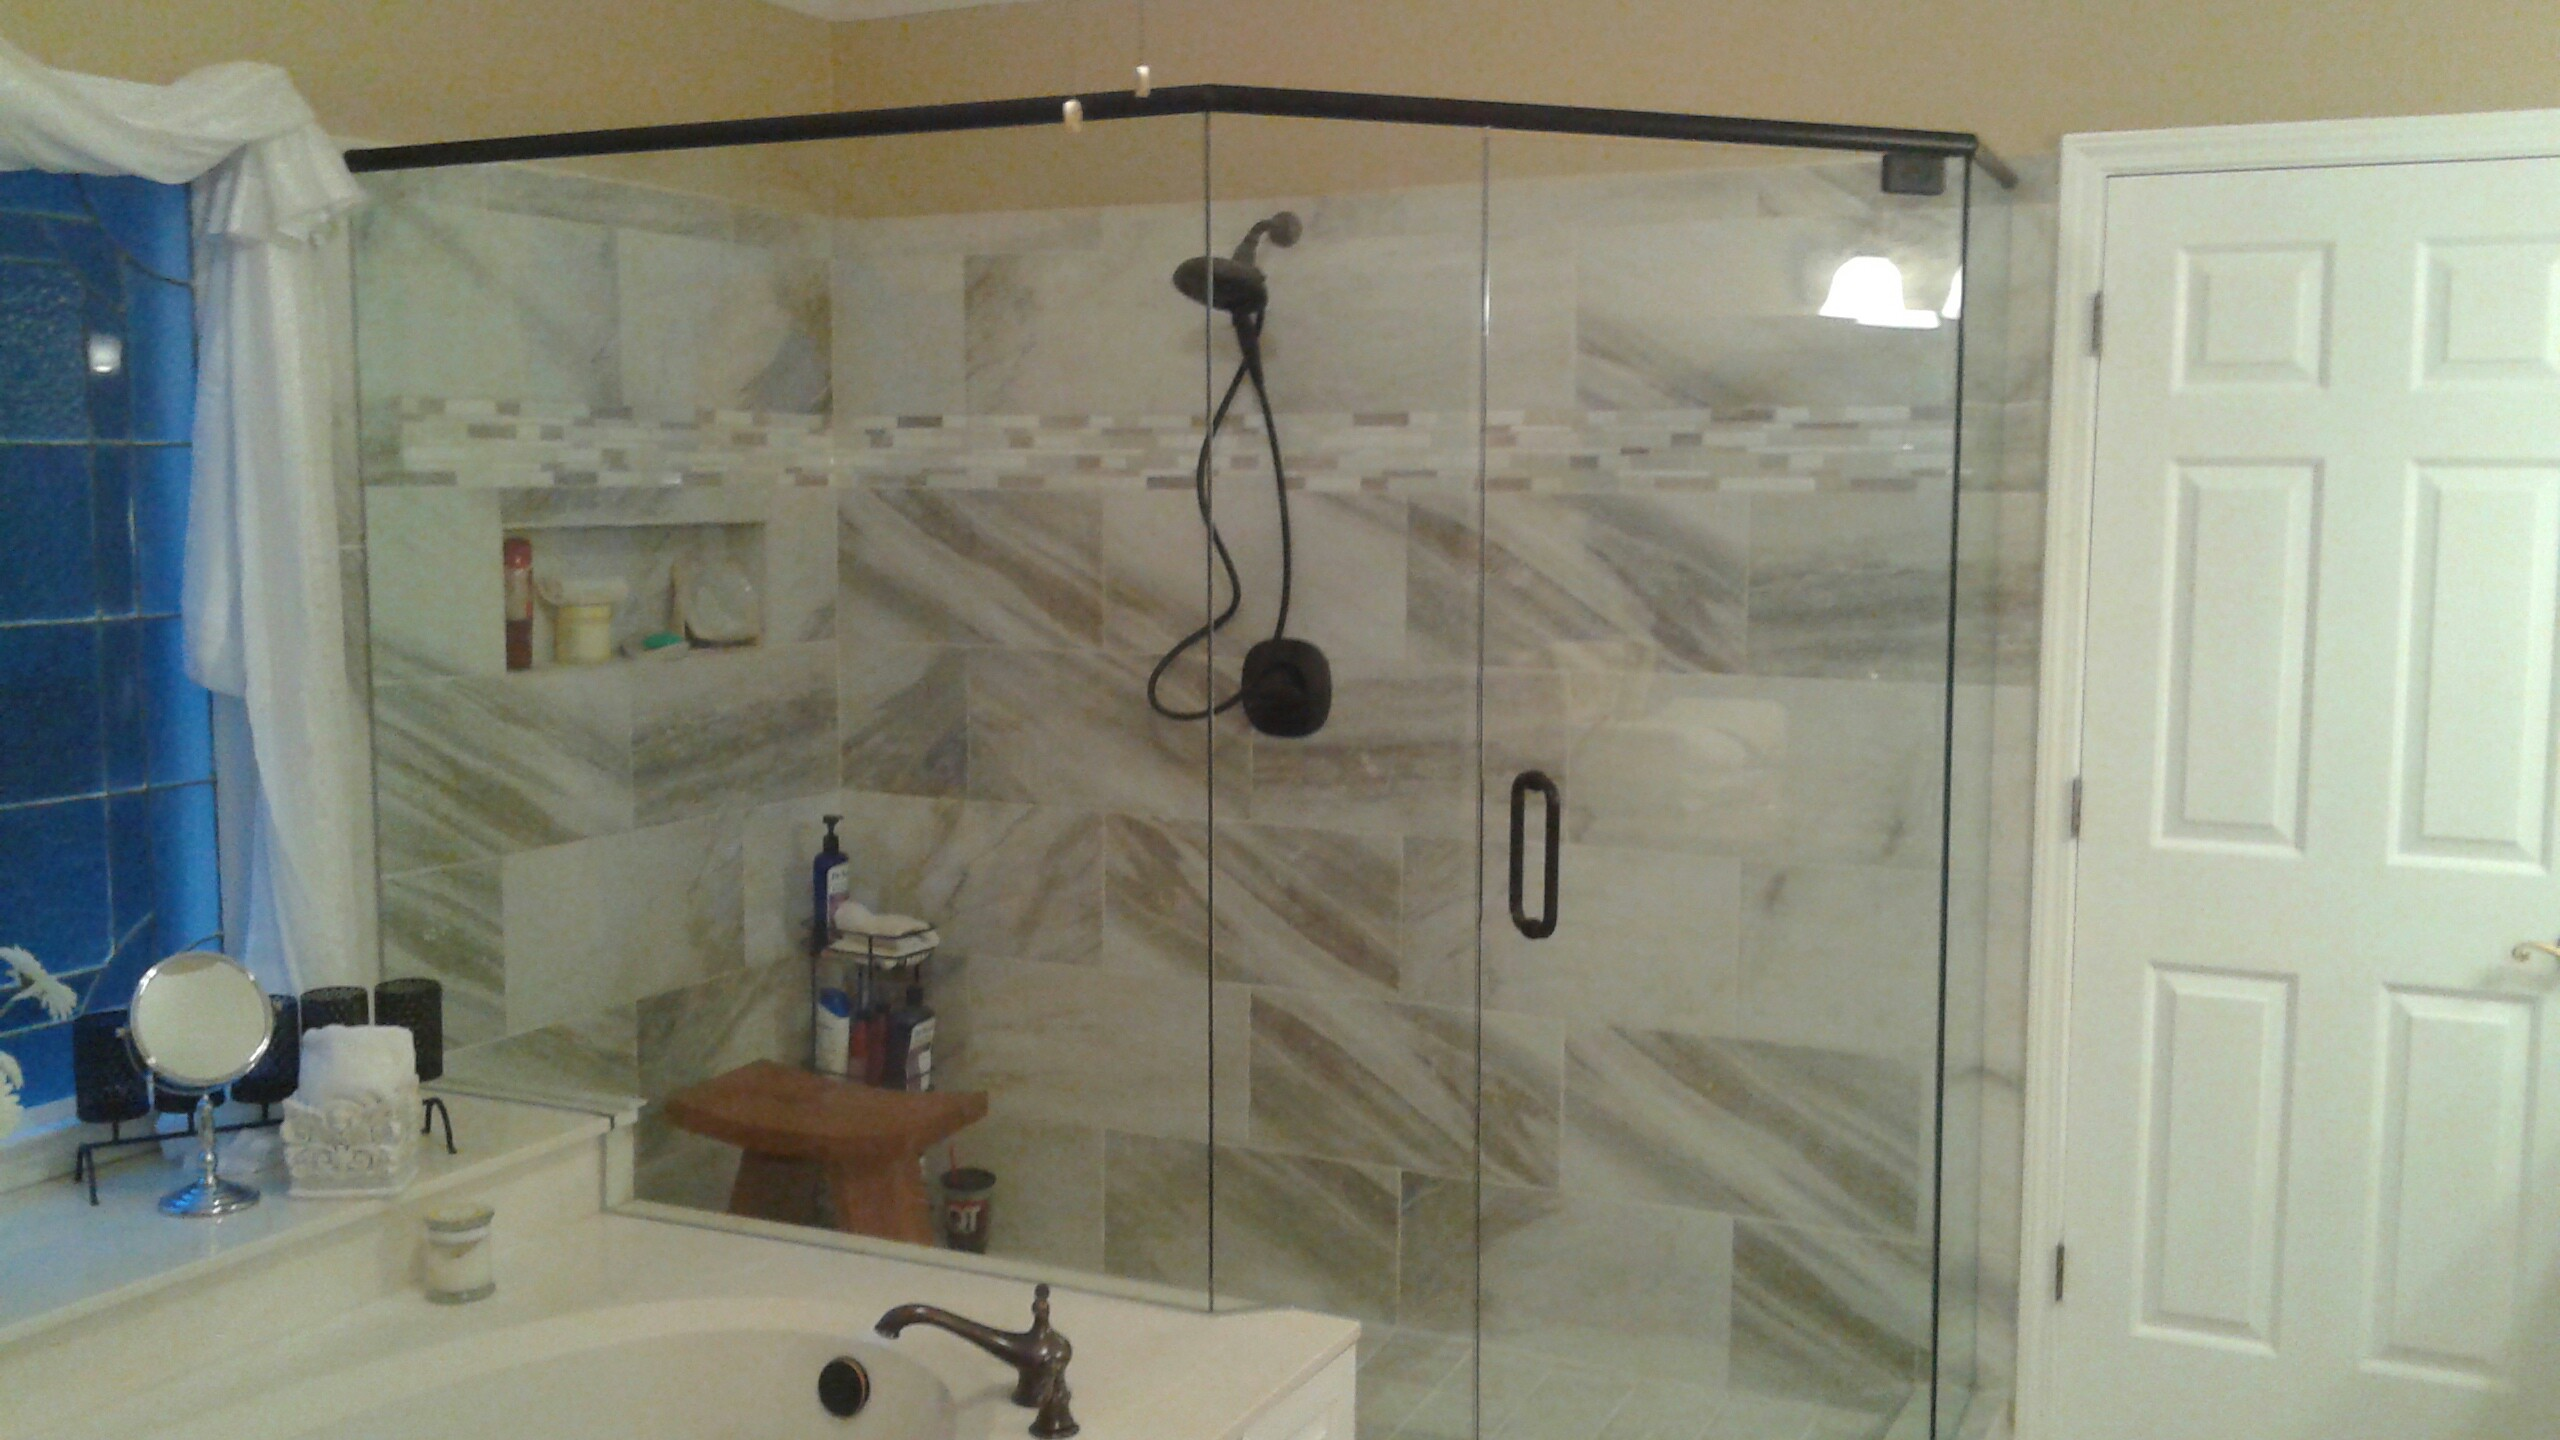 Remodelingwork Treehouse Ln Lawrenceville GA YPcom - Bathroom remodeling lawrenceville ga